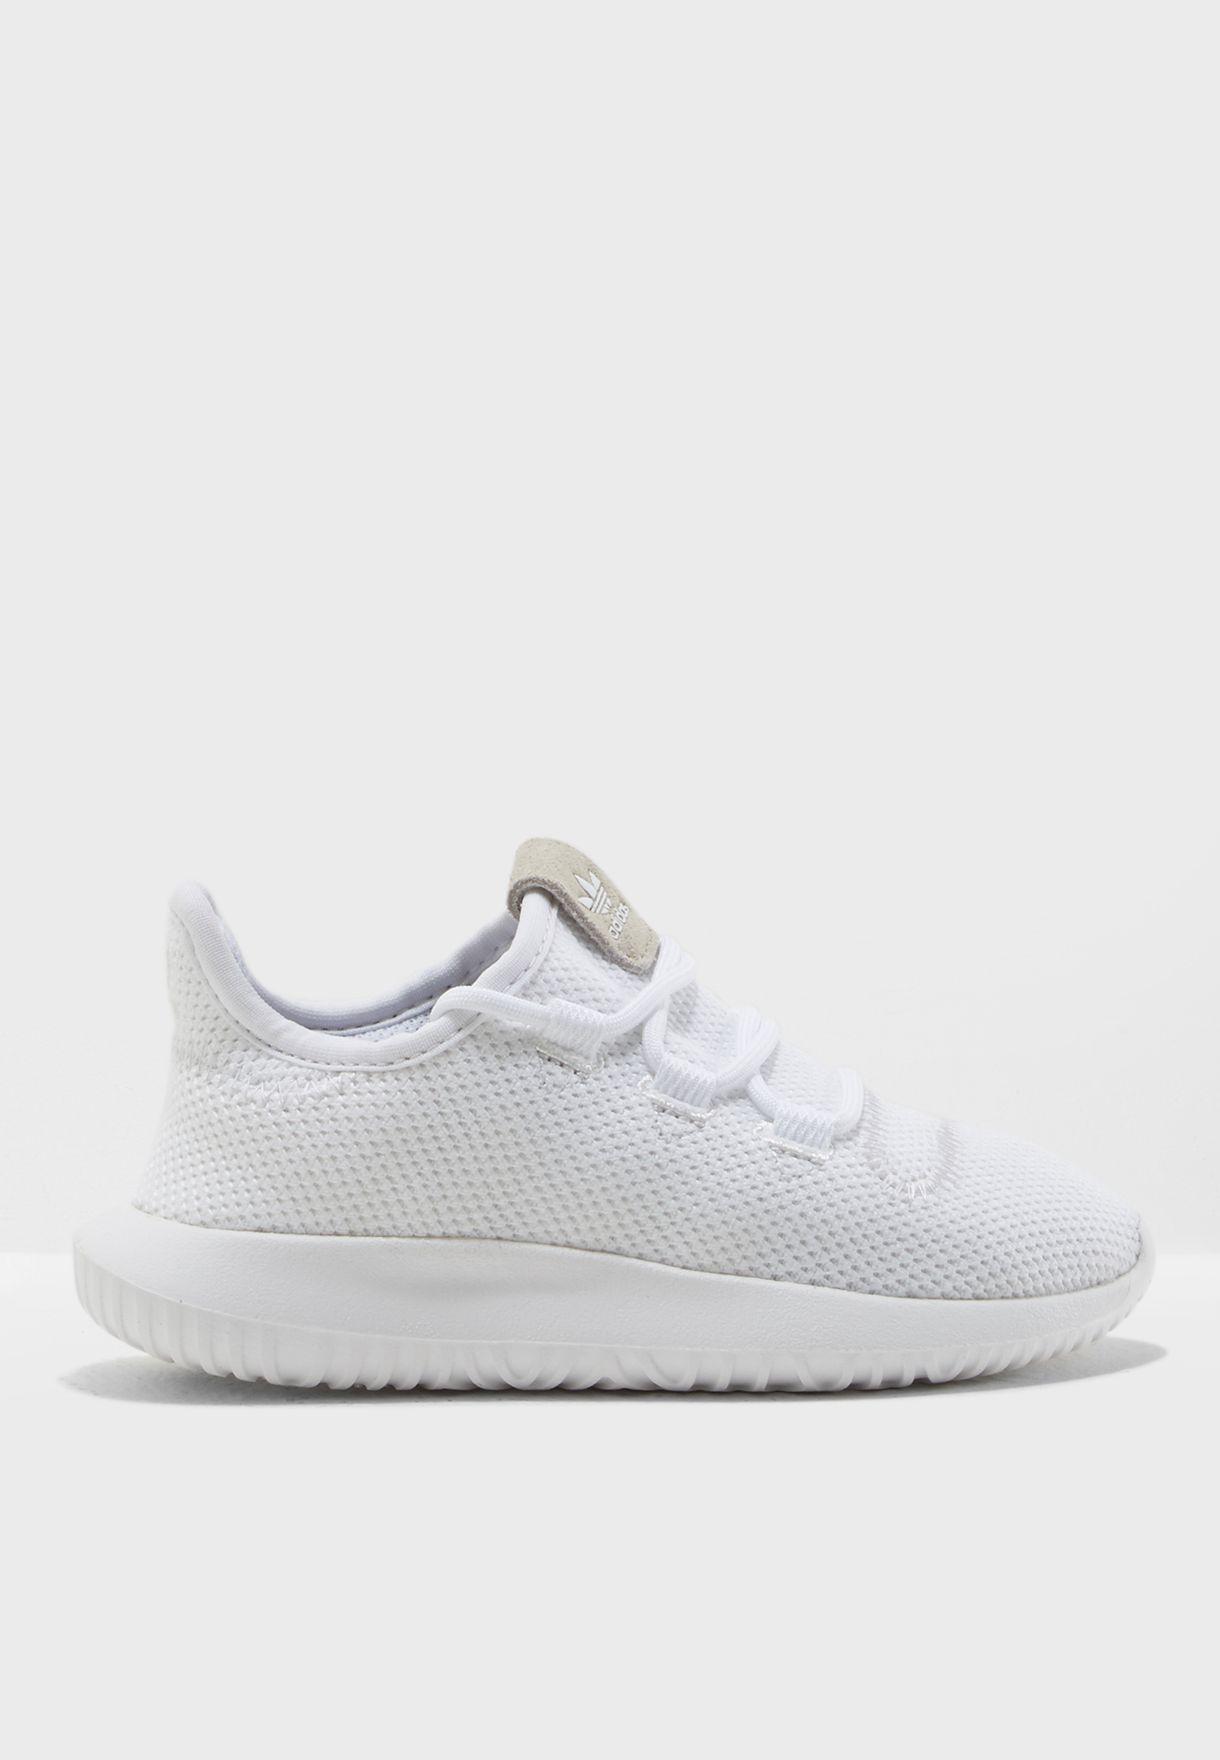 Shop adidas Originals Blanco Hombre Tubular in Shadow CP9470 for Hombre in Tubular de41aa